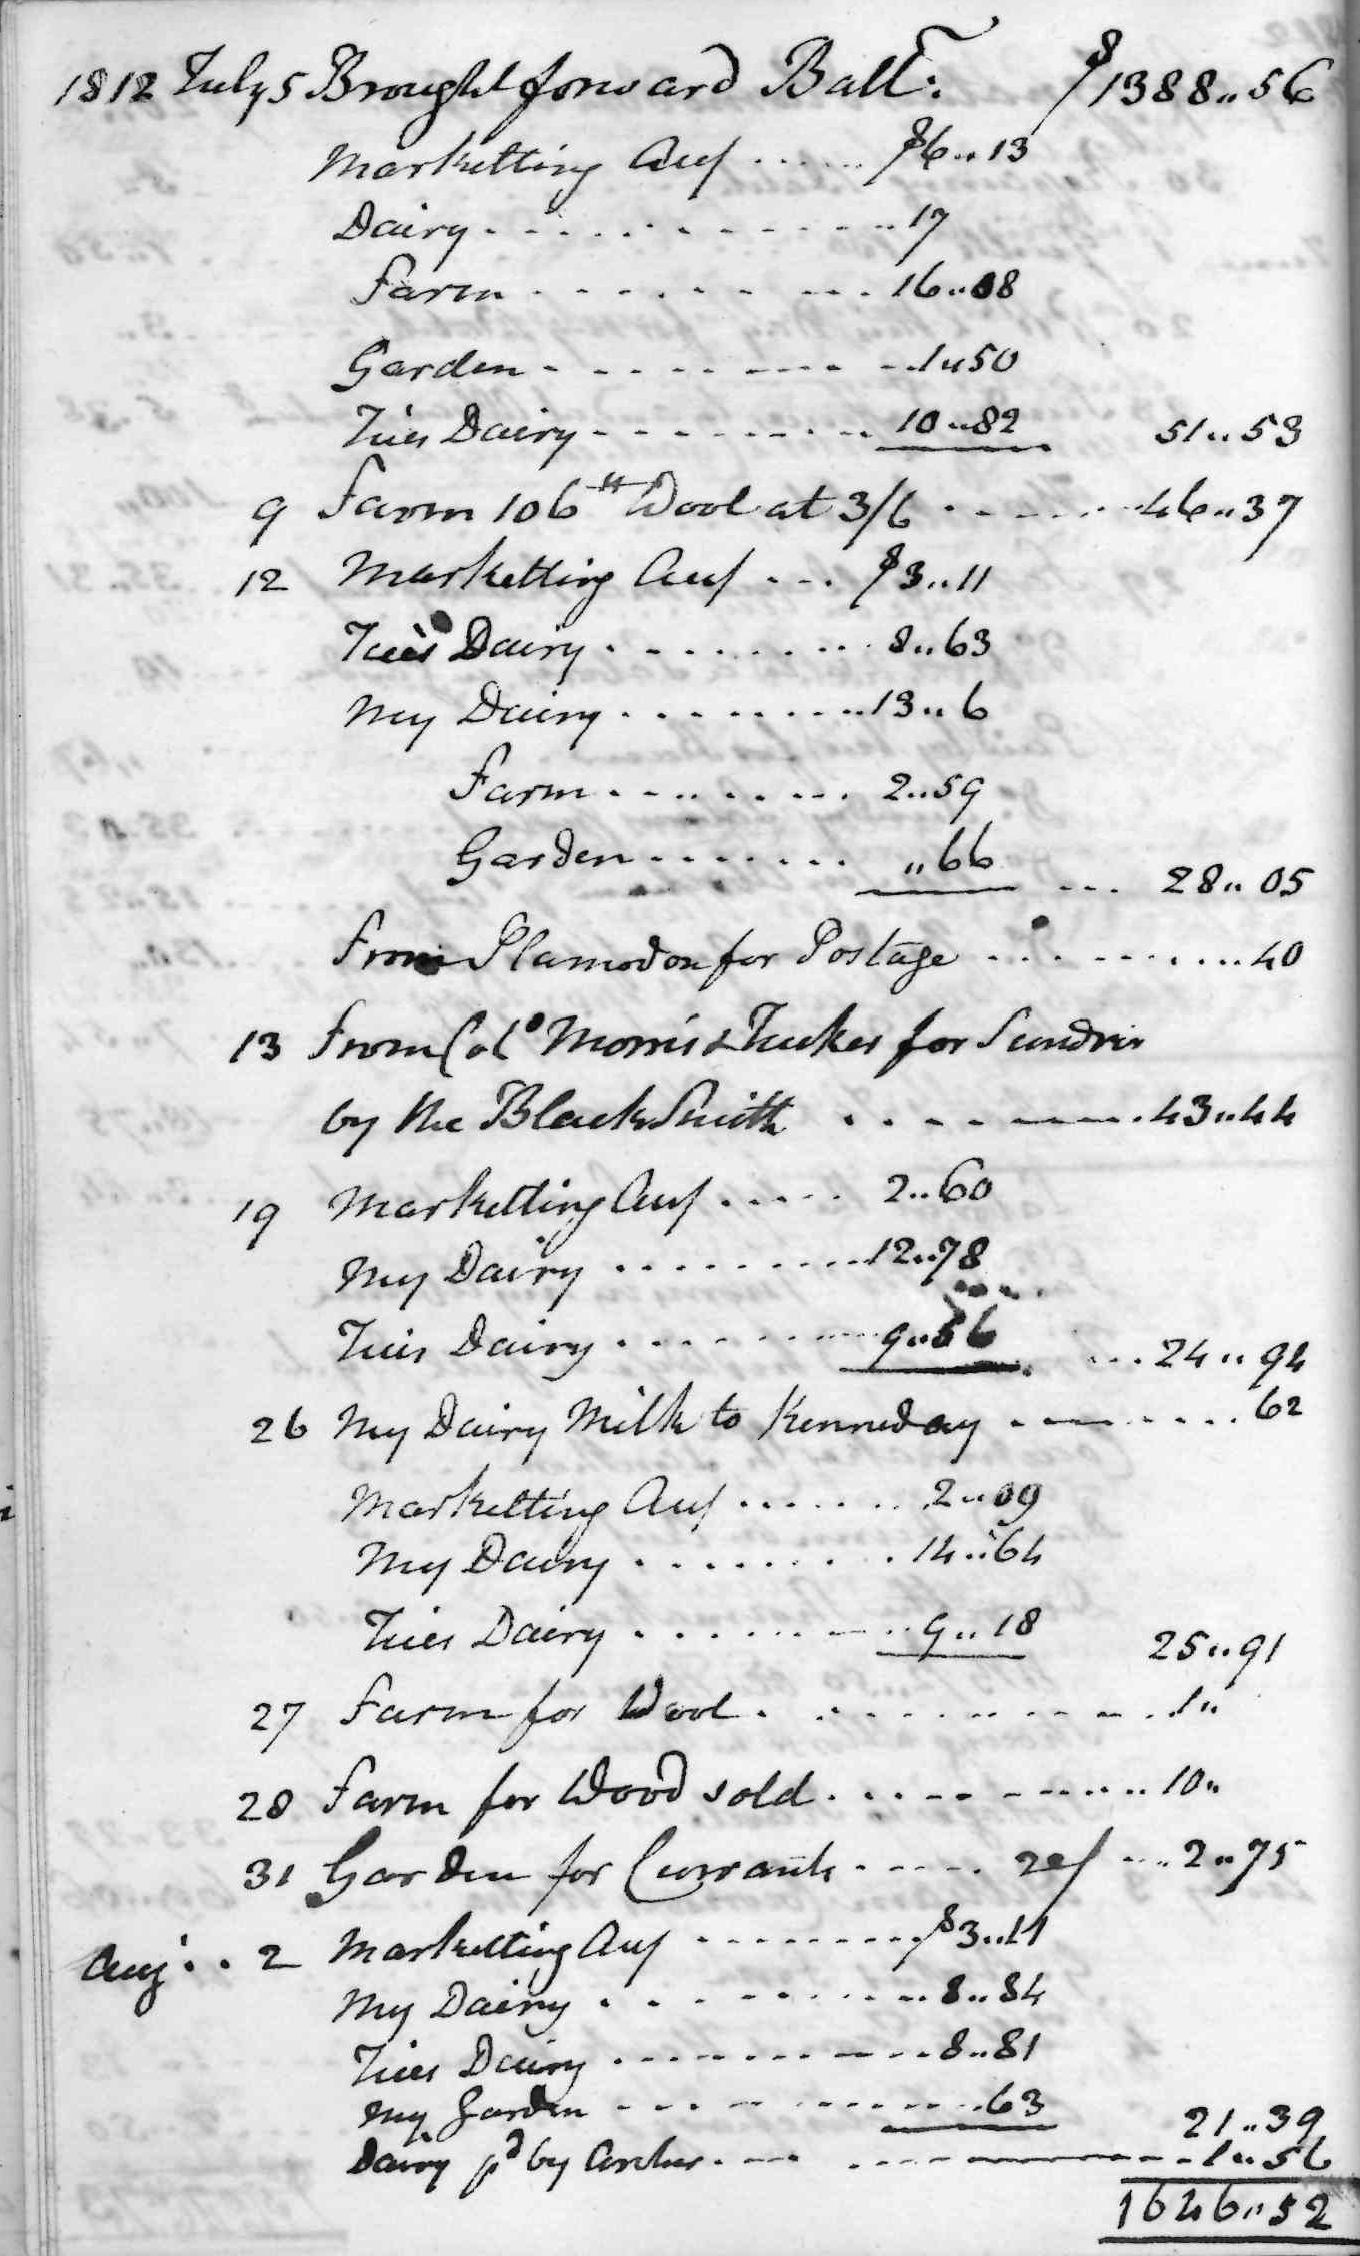 Gouverneur Morris Cash Book, folio 9, left side